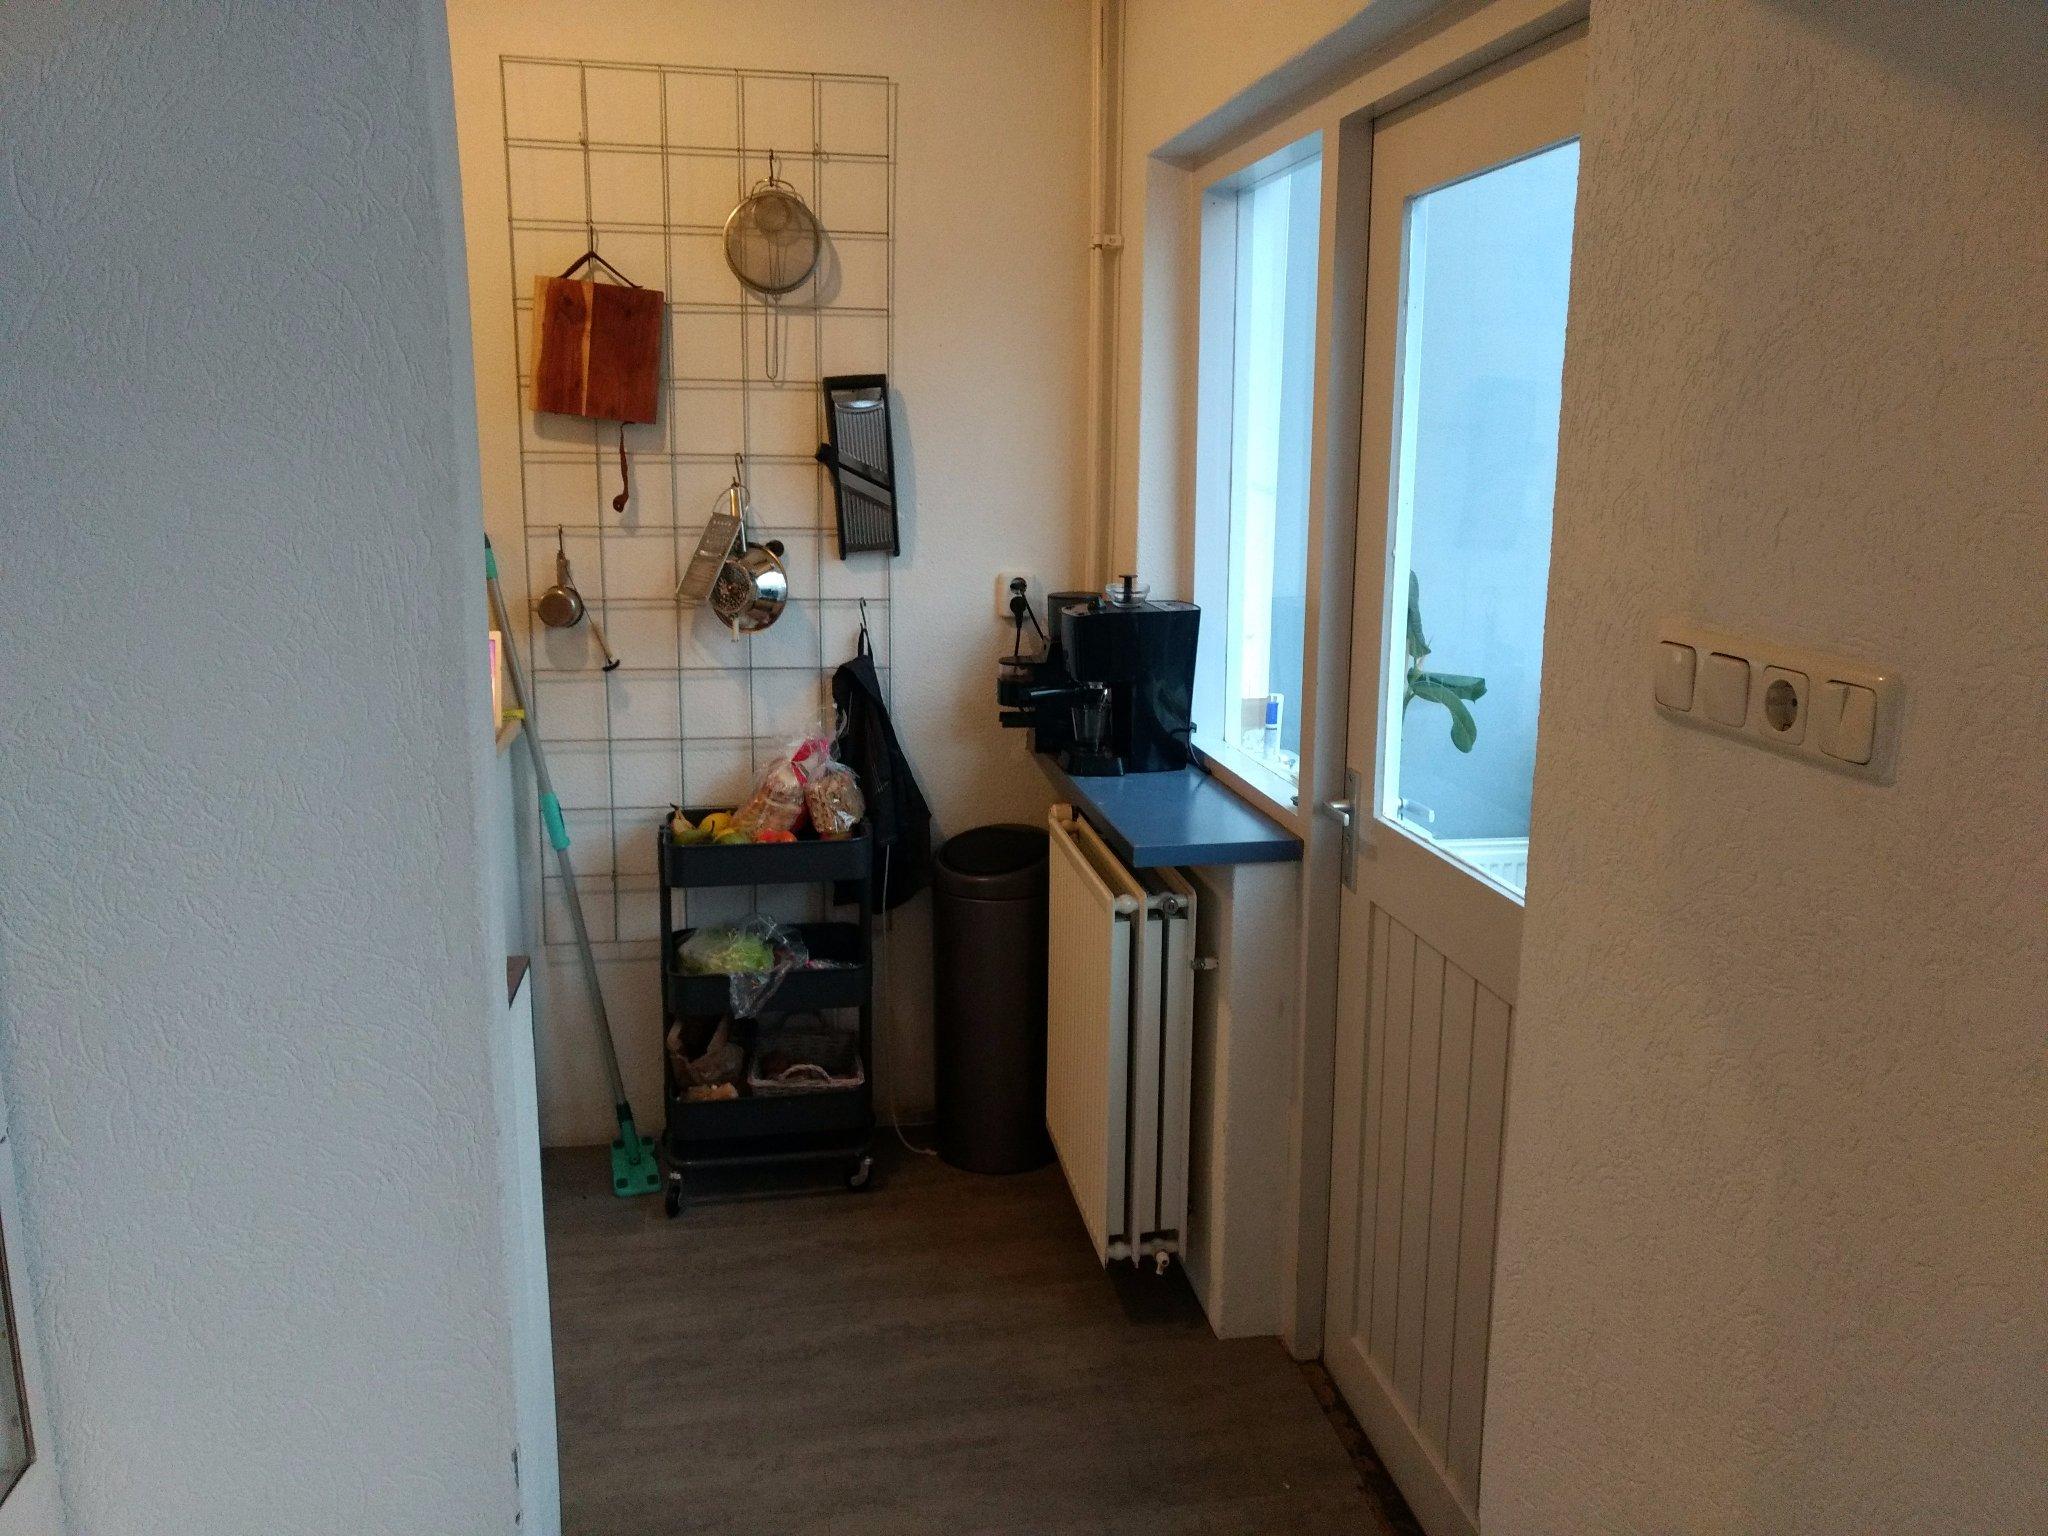 Woonkamer Idee Serre : Serre betrekken bij woonkamer en dak vervangen van serre werkspot